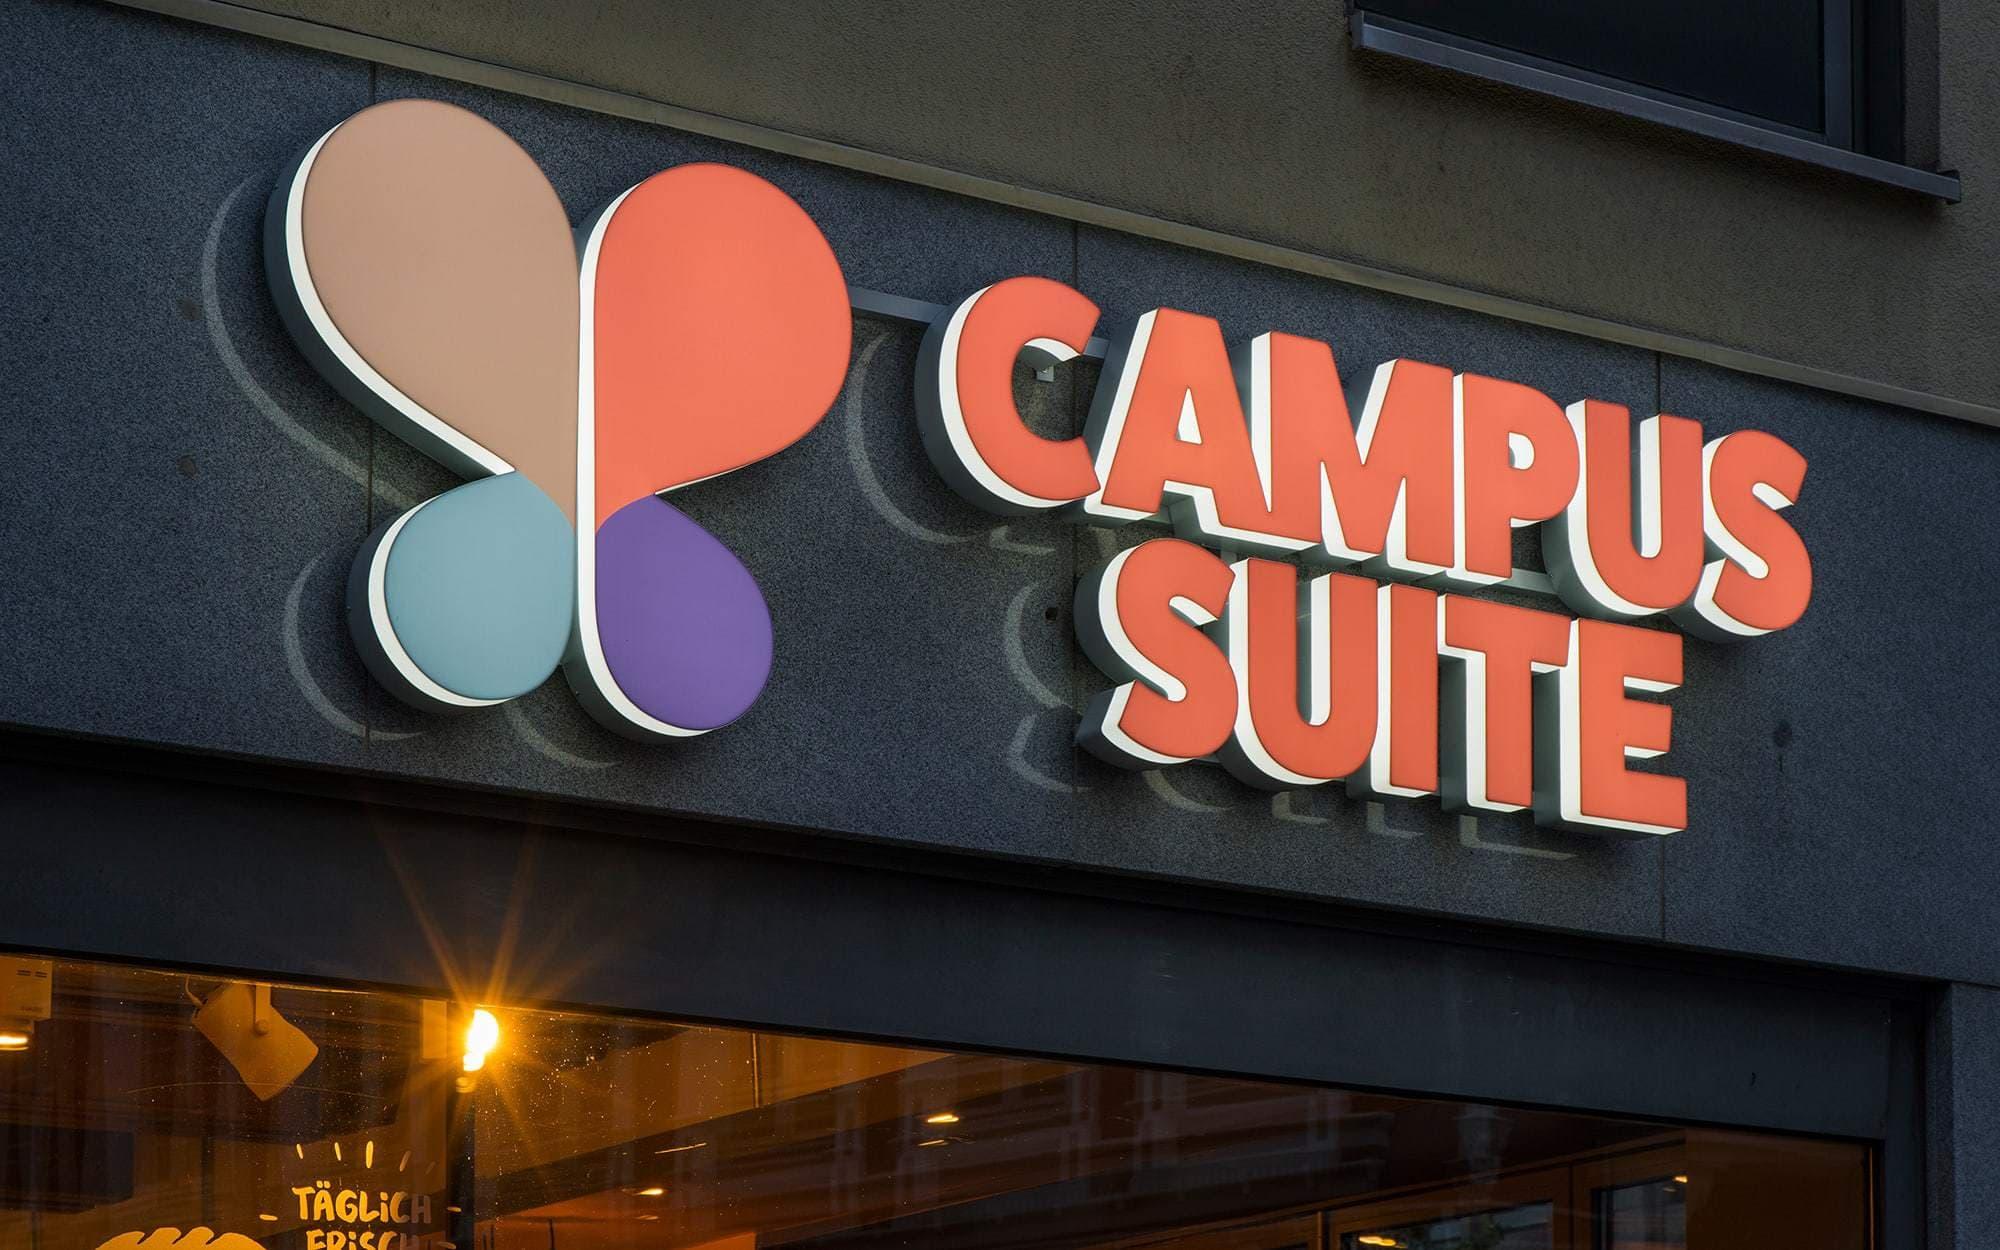 LED Buchstaben von der Firma Campus Suite. Gefertigt für einen Hamburger Niederlassung.